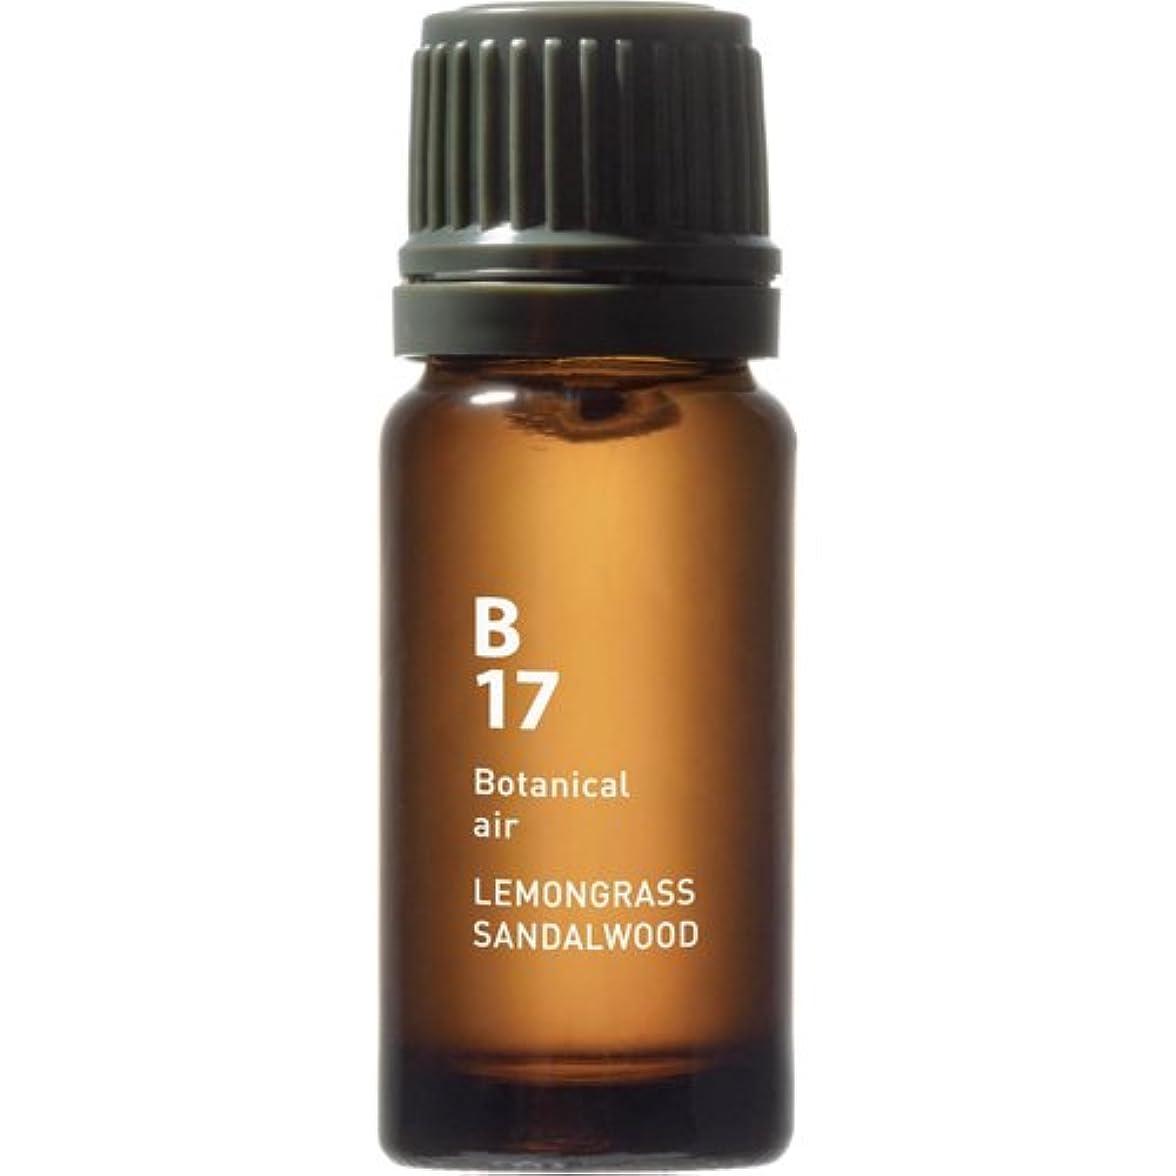 除外する降臨オセアニアB17 レモングラスサンダルウッド Botanical air(ボタニカルエアー) 10ml